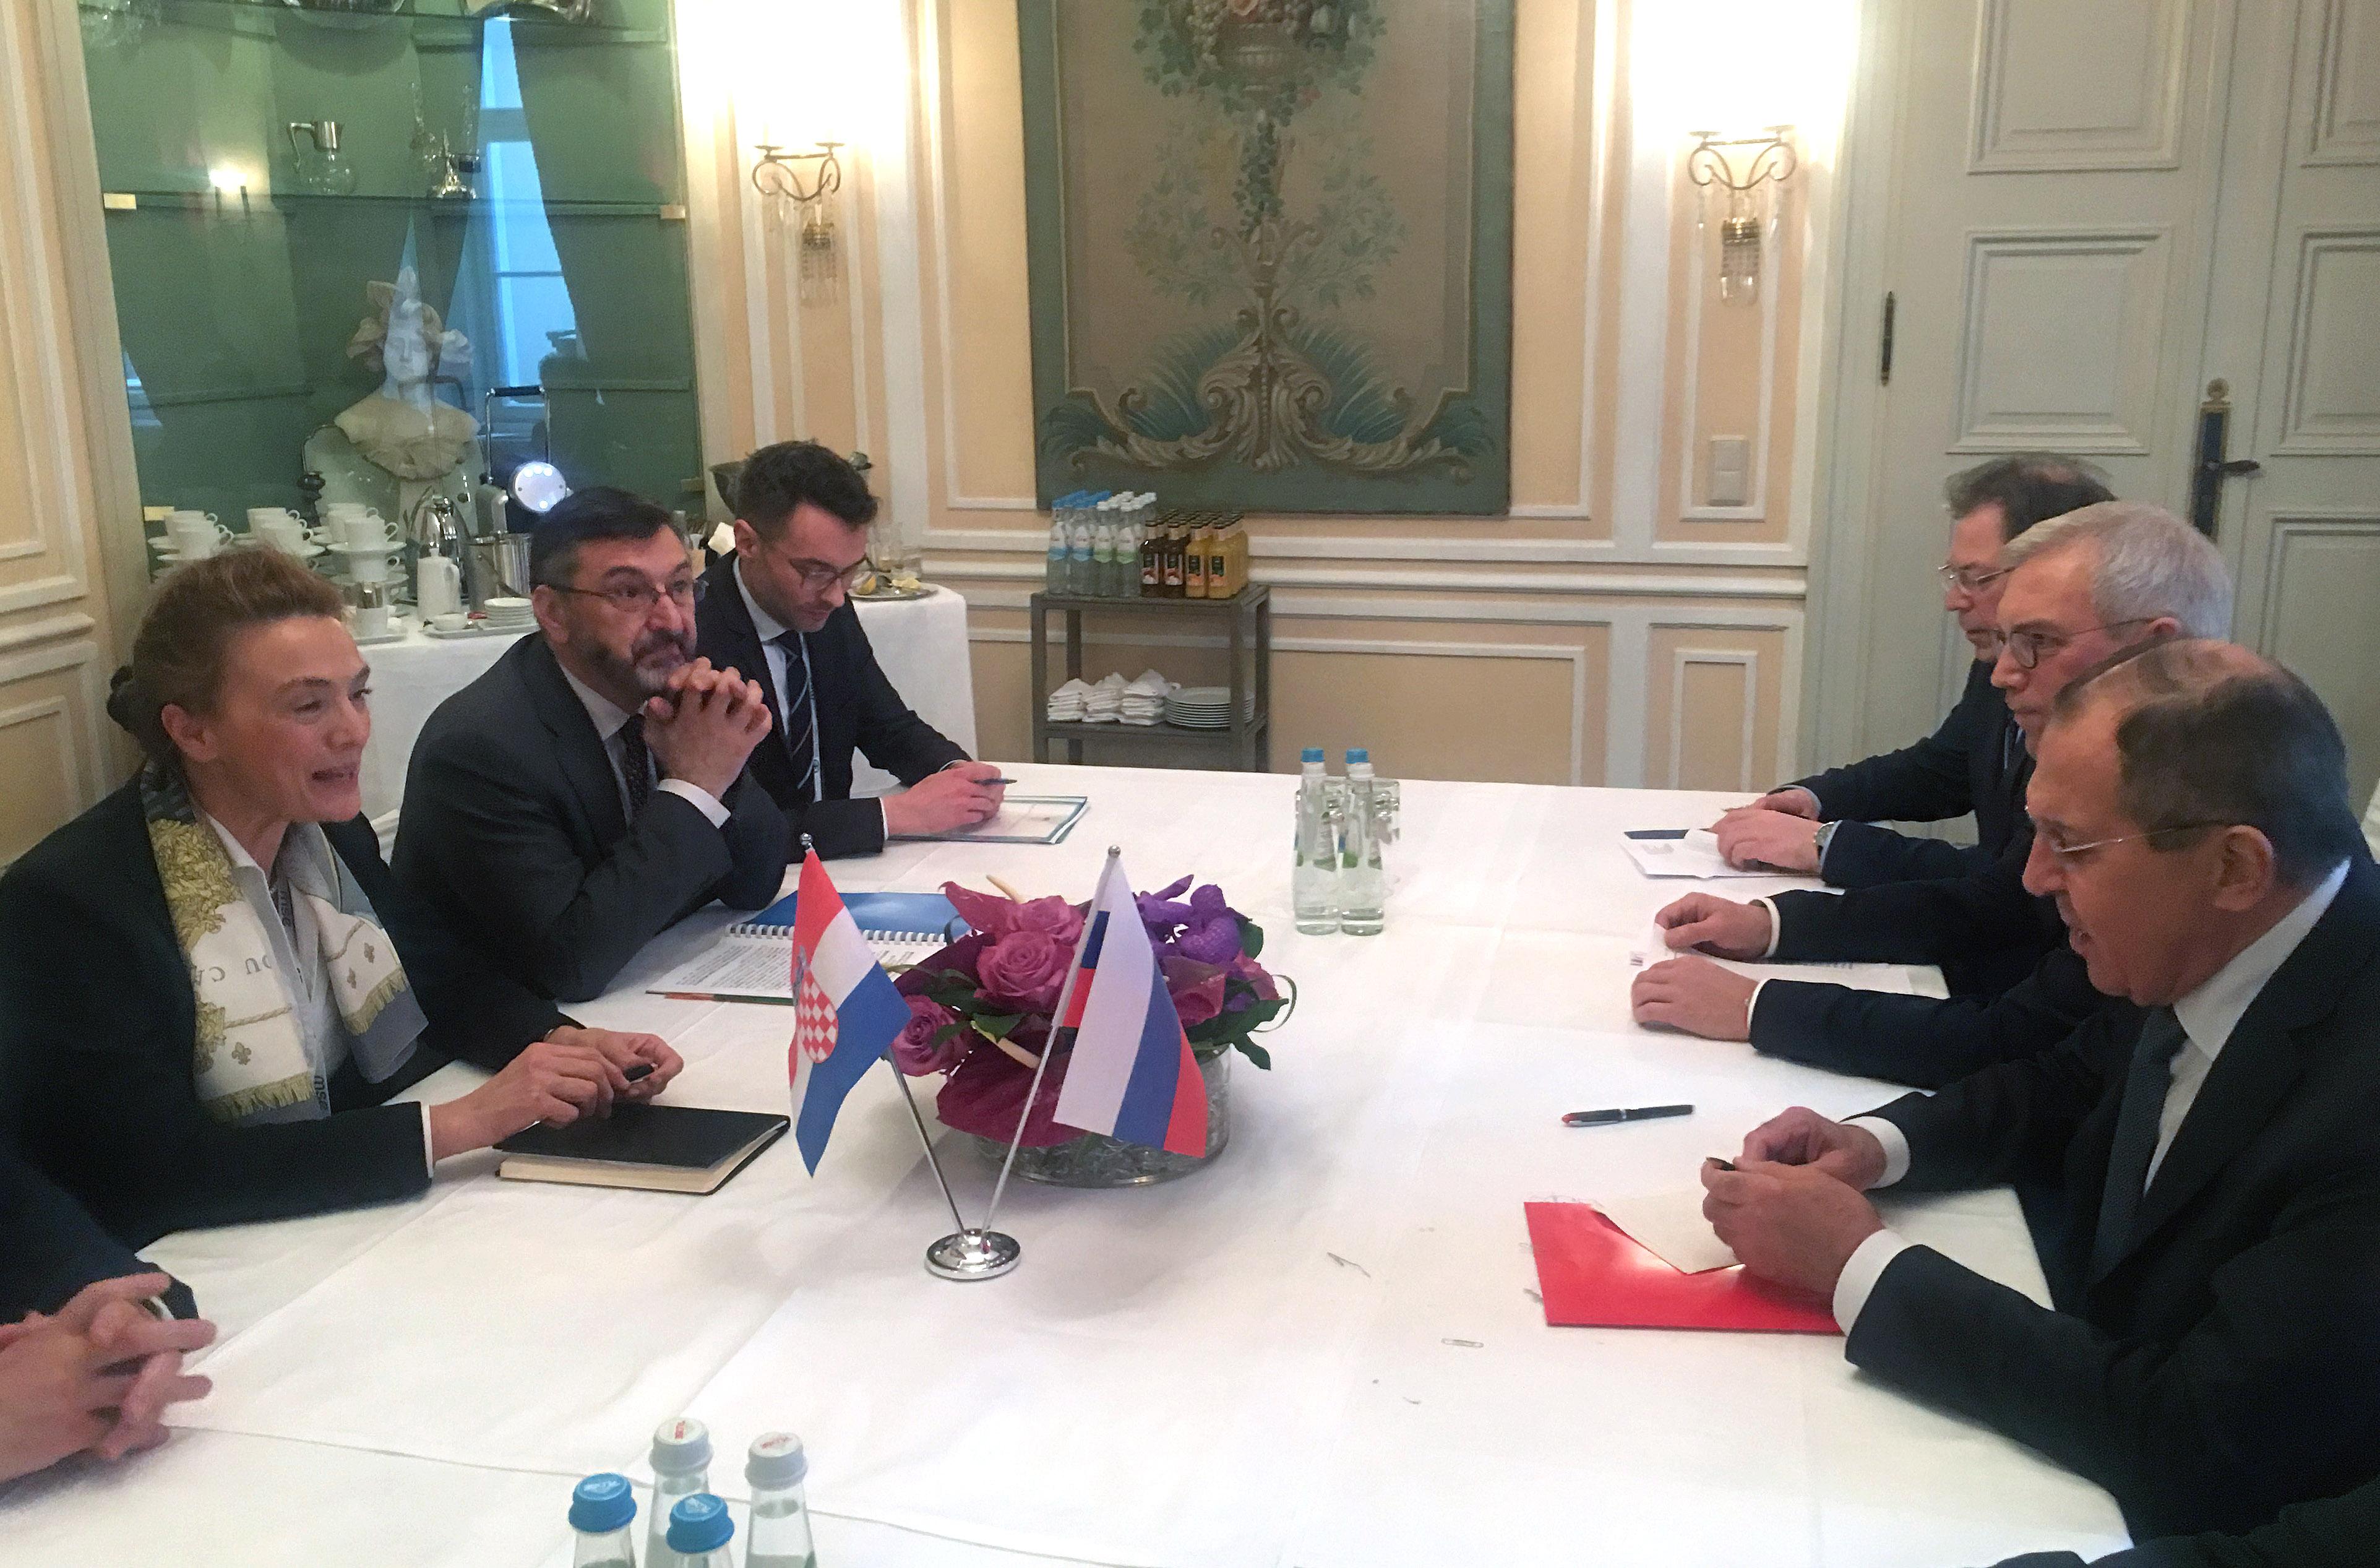 Pejčinović Burić s Lavrovom nastavlja pojačanu dinamiku bilateralnih odnosa Hrvatske i Rusije